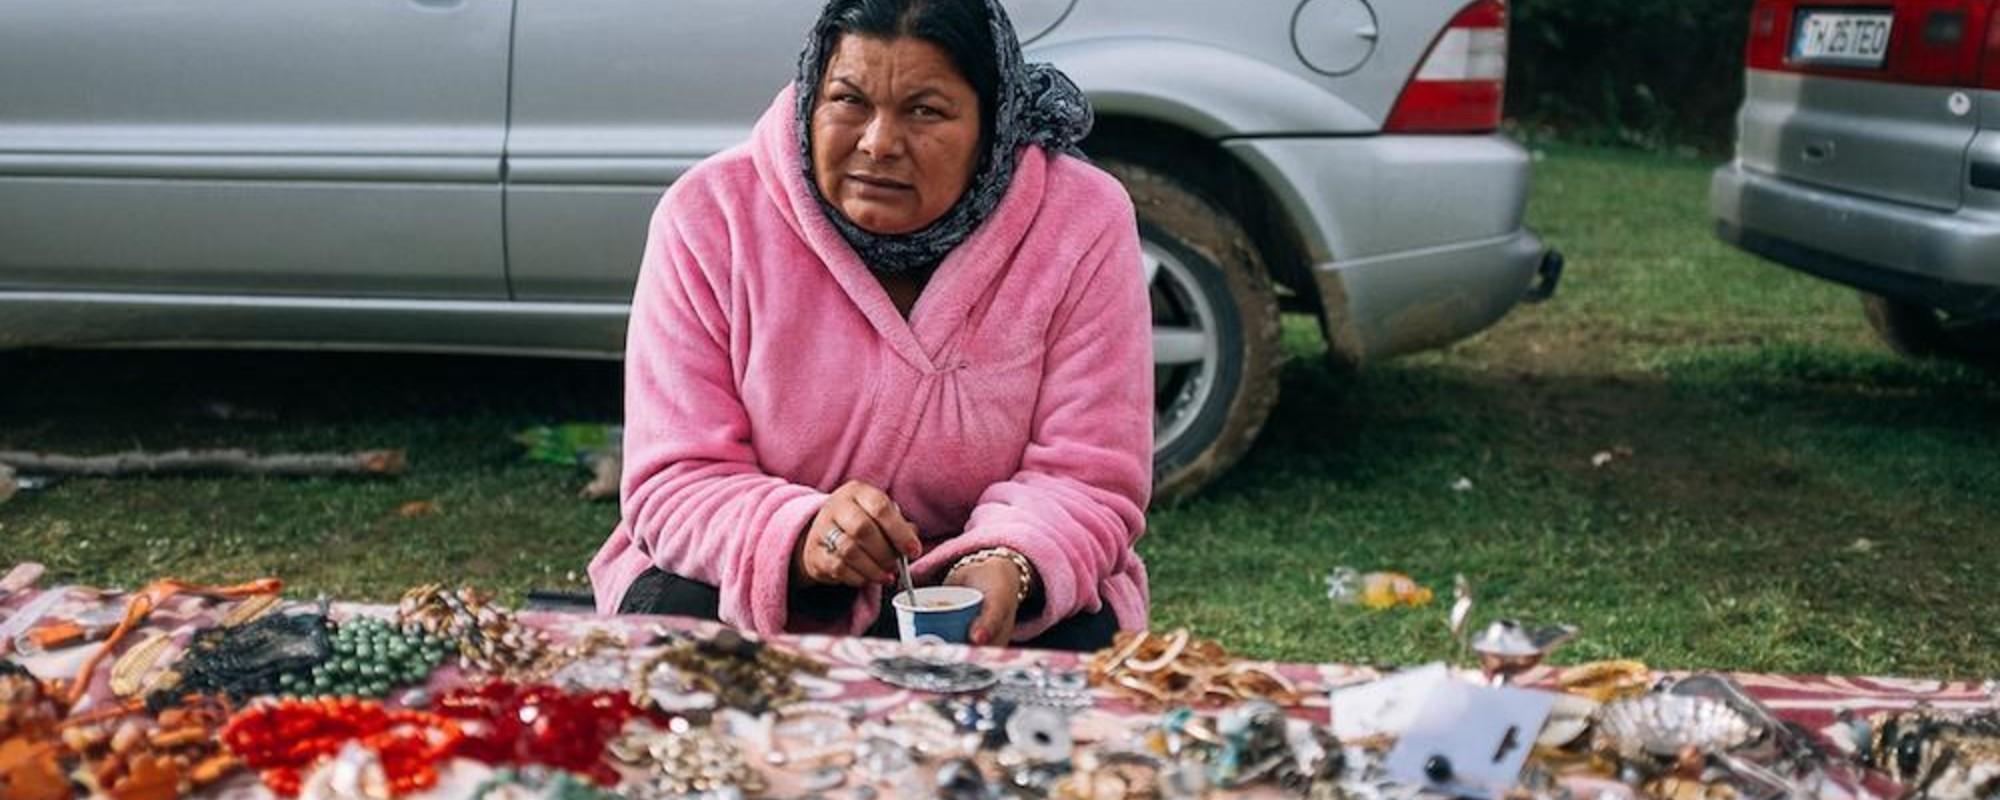 Die bunte Welt eines rumänischen Flohmarkts